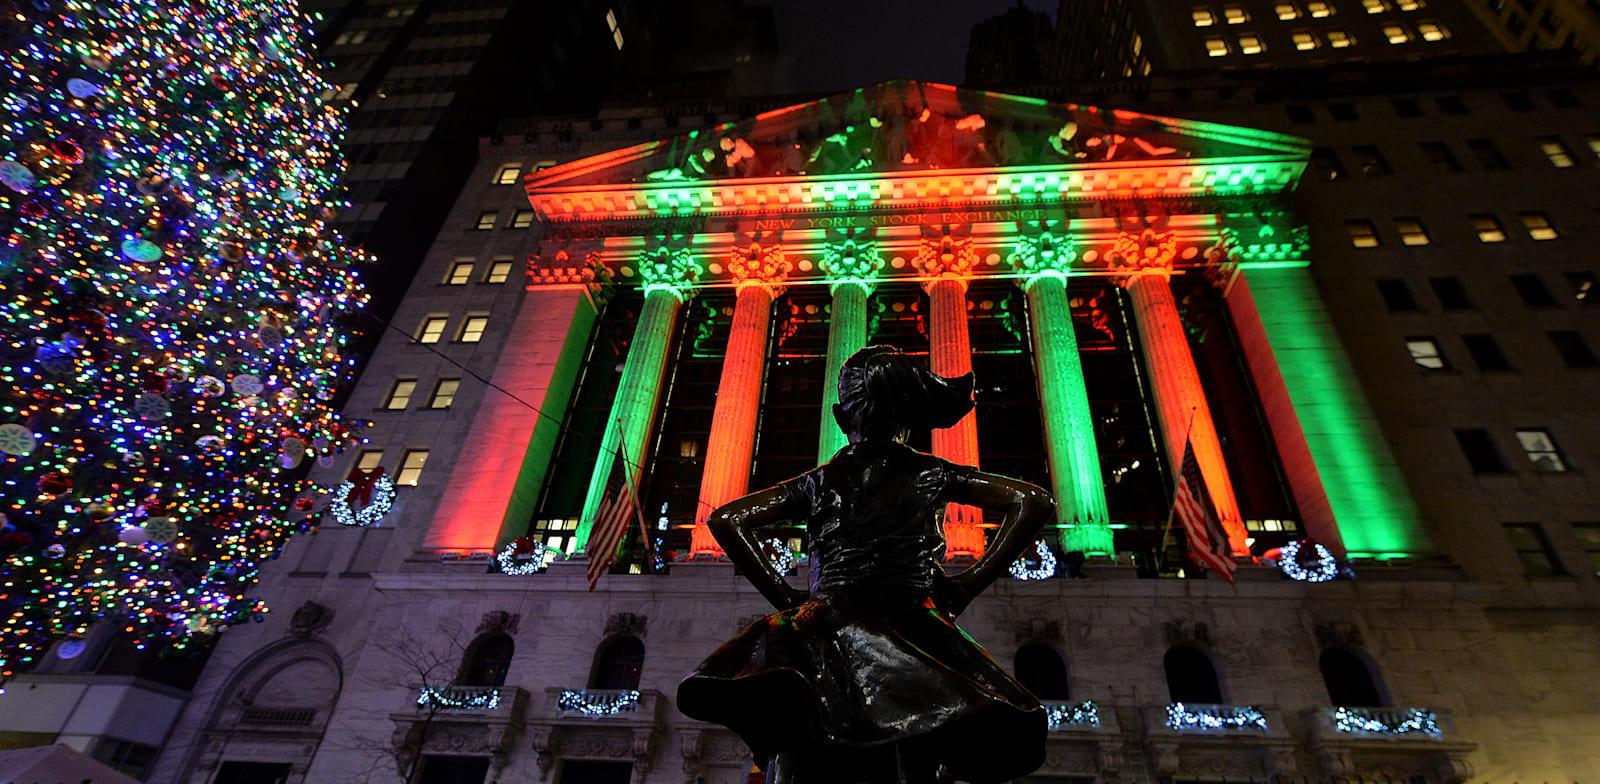 השנה בוול סטריט שכולם רוצים לשכוח. חוץ מהמשקיעים / צילום: Reuters, Anthony Behar